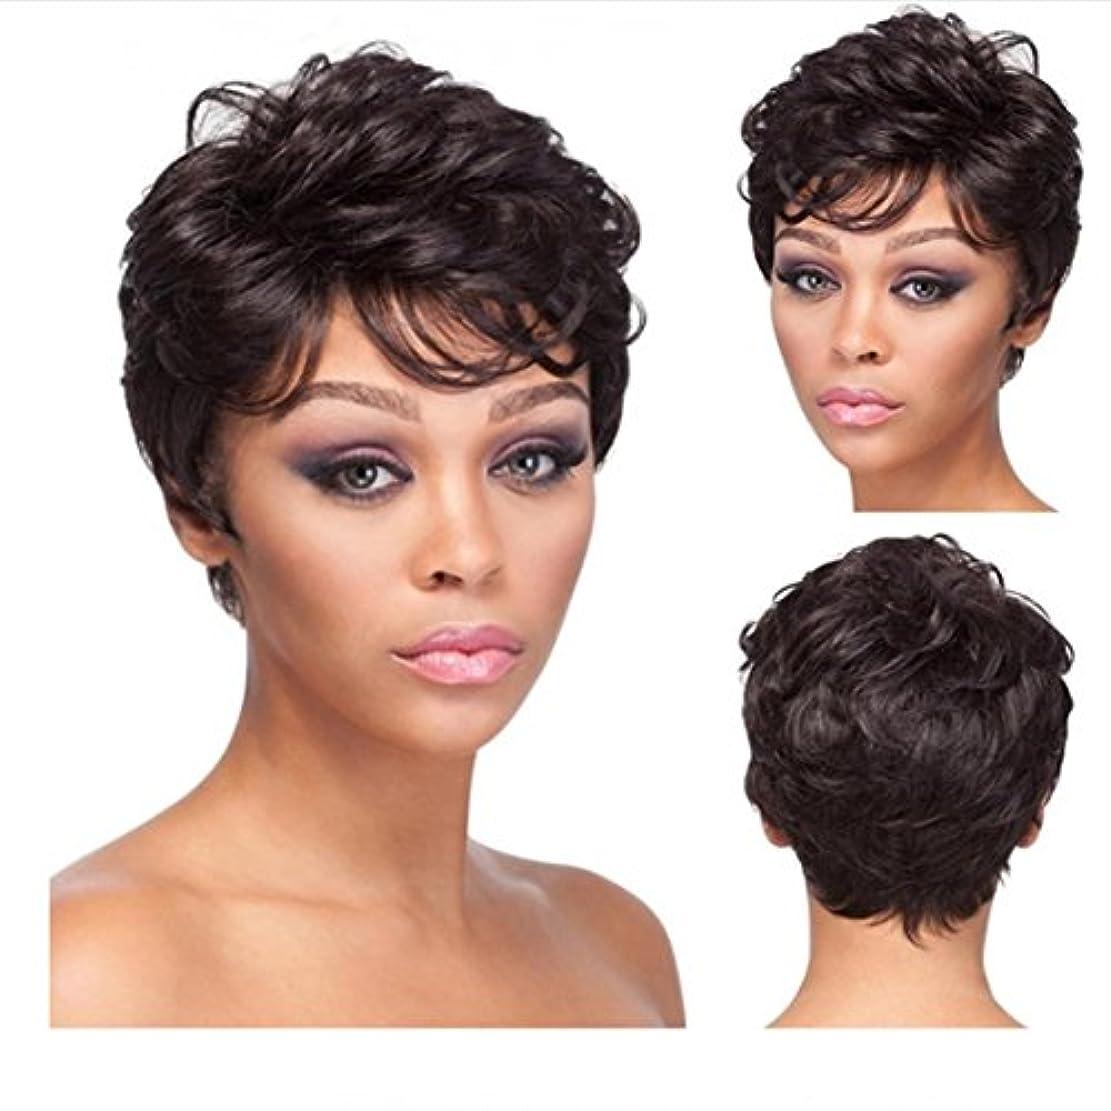 ちなみにパイントカウントアップYOUQIU デイリーウィッグ20センチメートル/ 160グラム(黒褐色)かつらのために斜めBagns髪の耐熱ウィッグで女子ショートふわふわマイクロボリュームかつらのために現実的なウィッグ (色 : Brownish black)